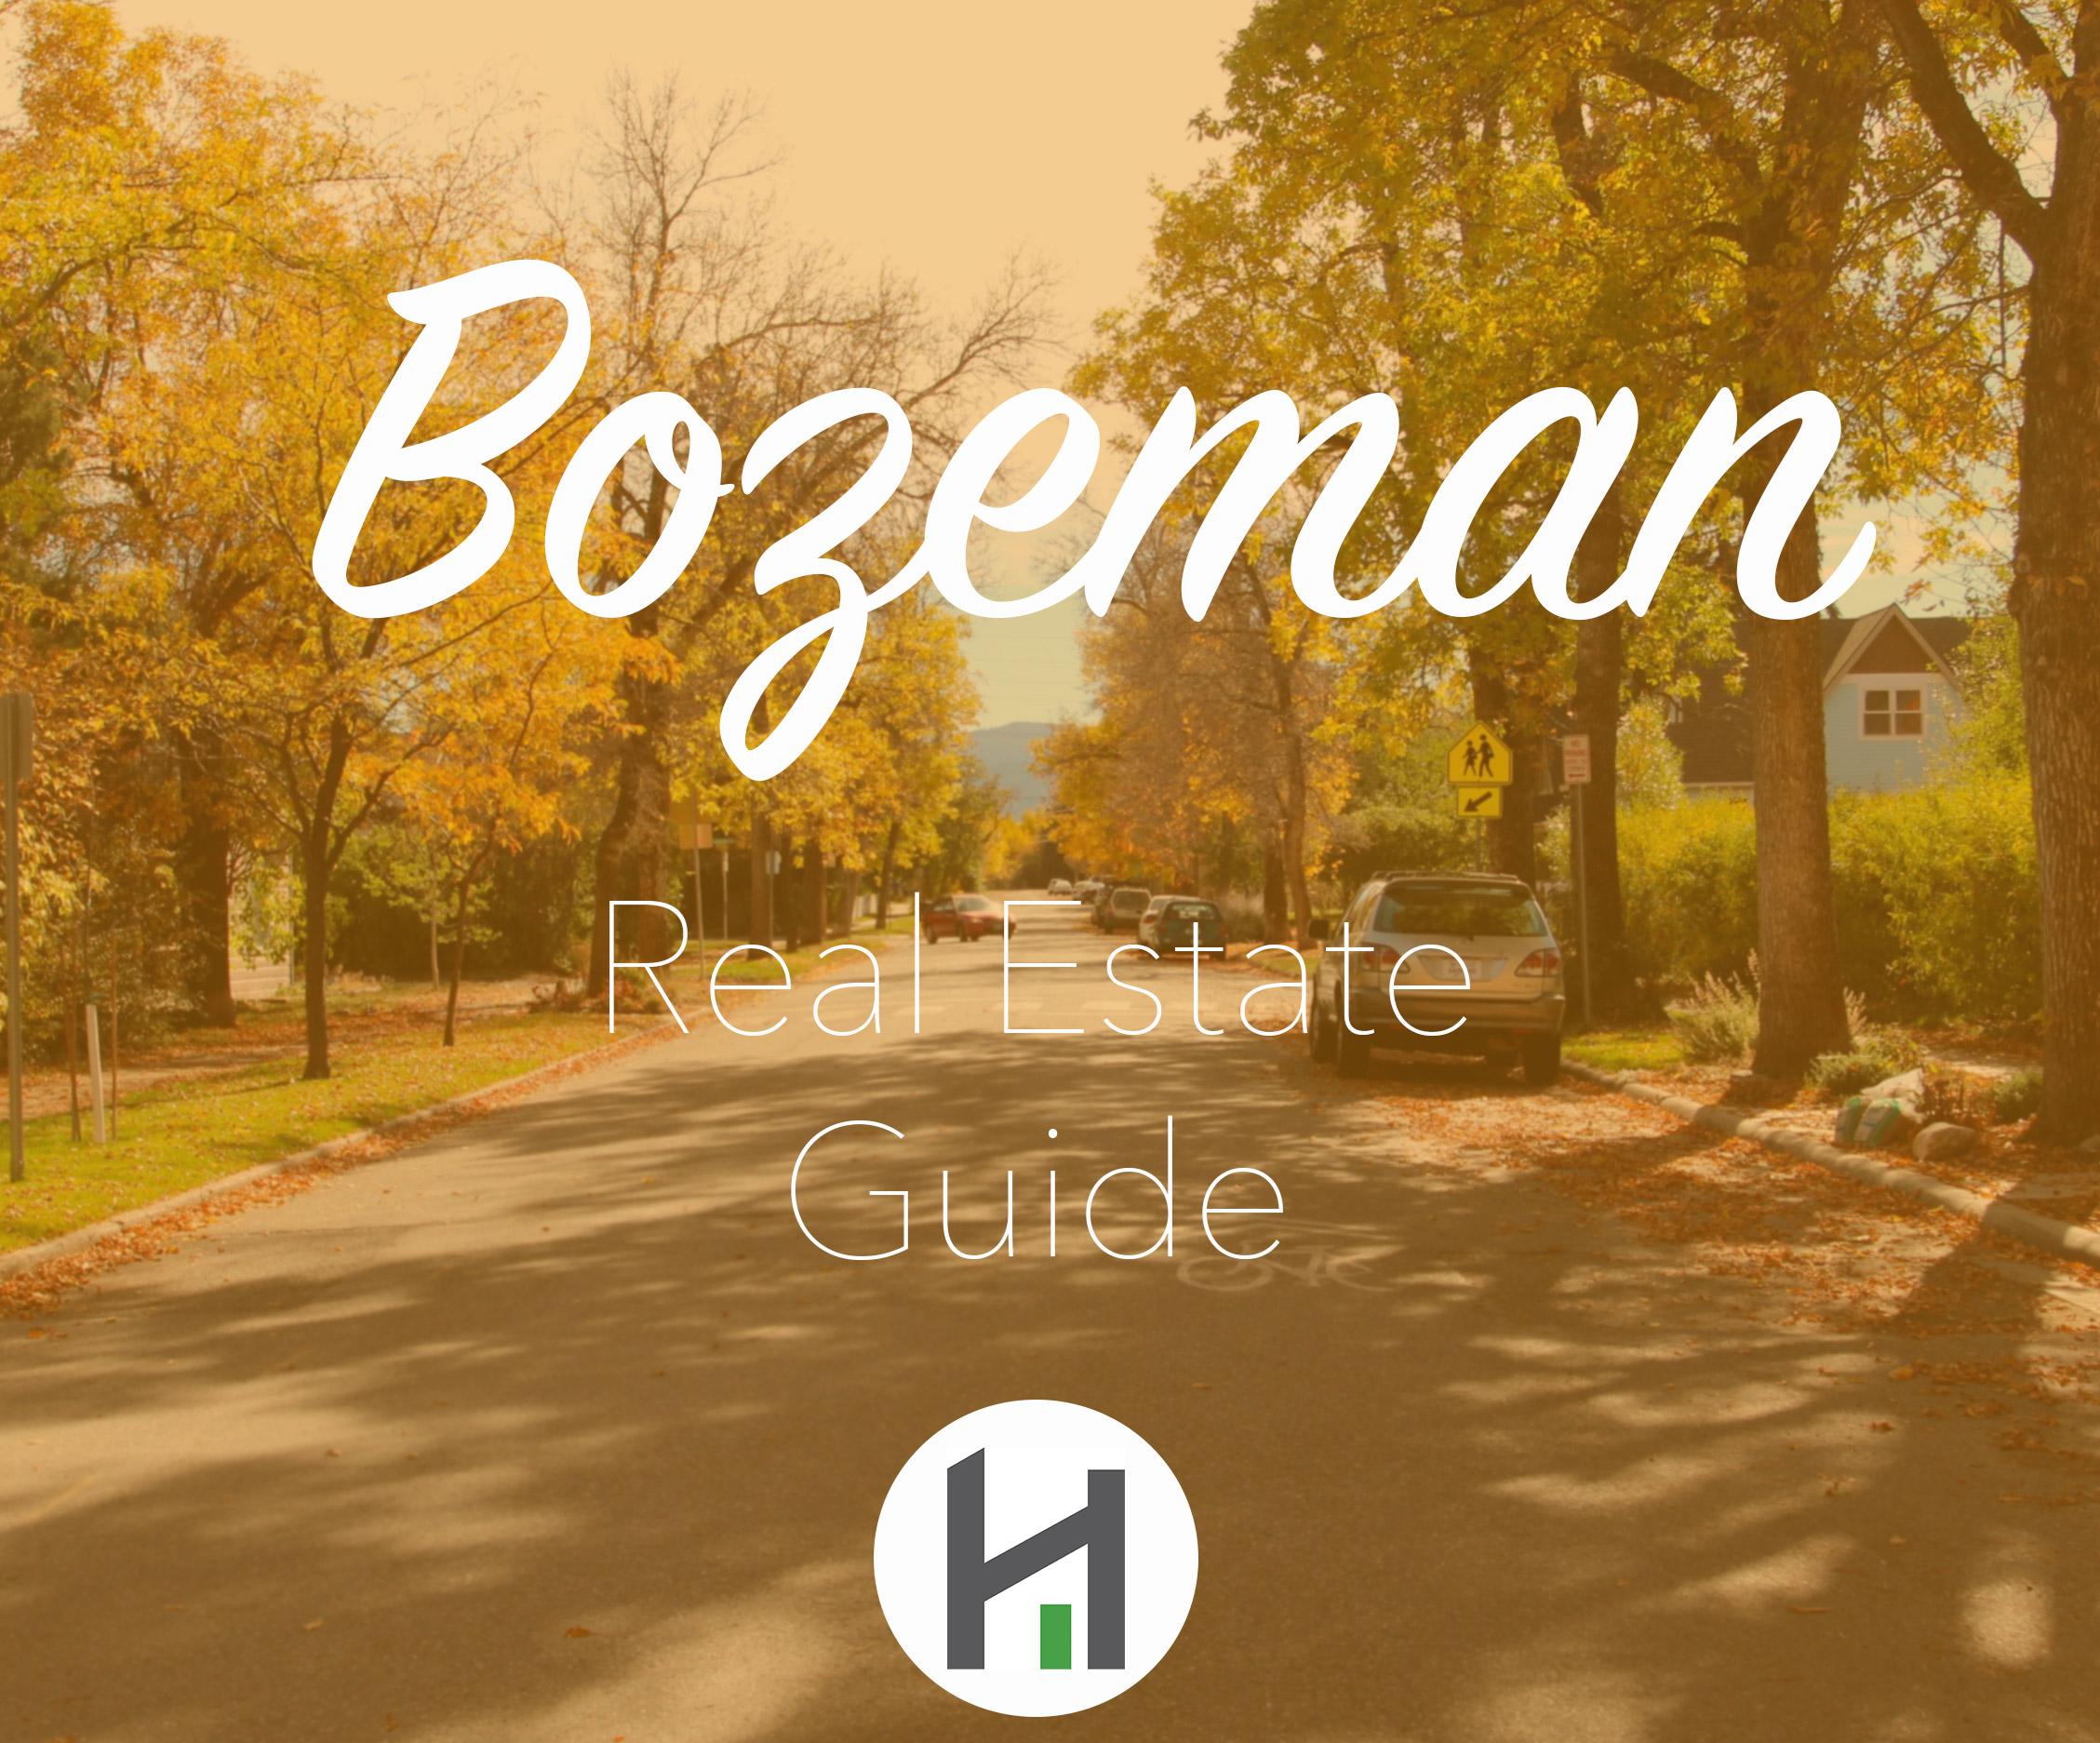 Find Bozeman Real Estate